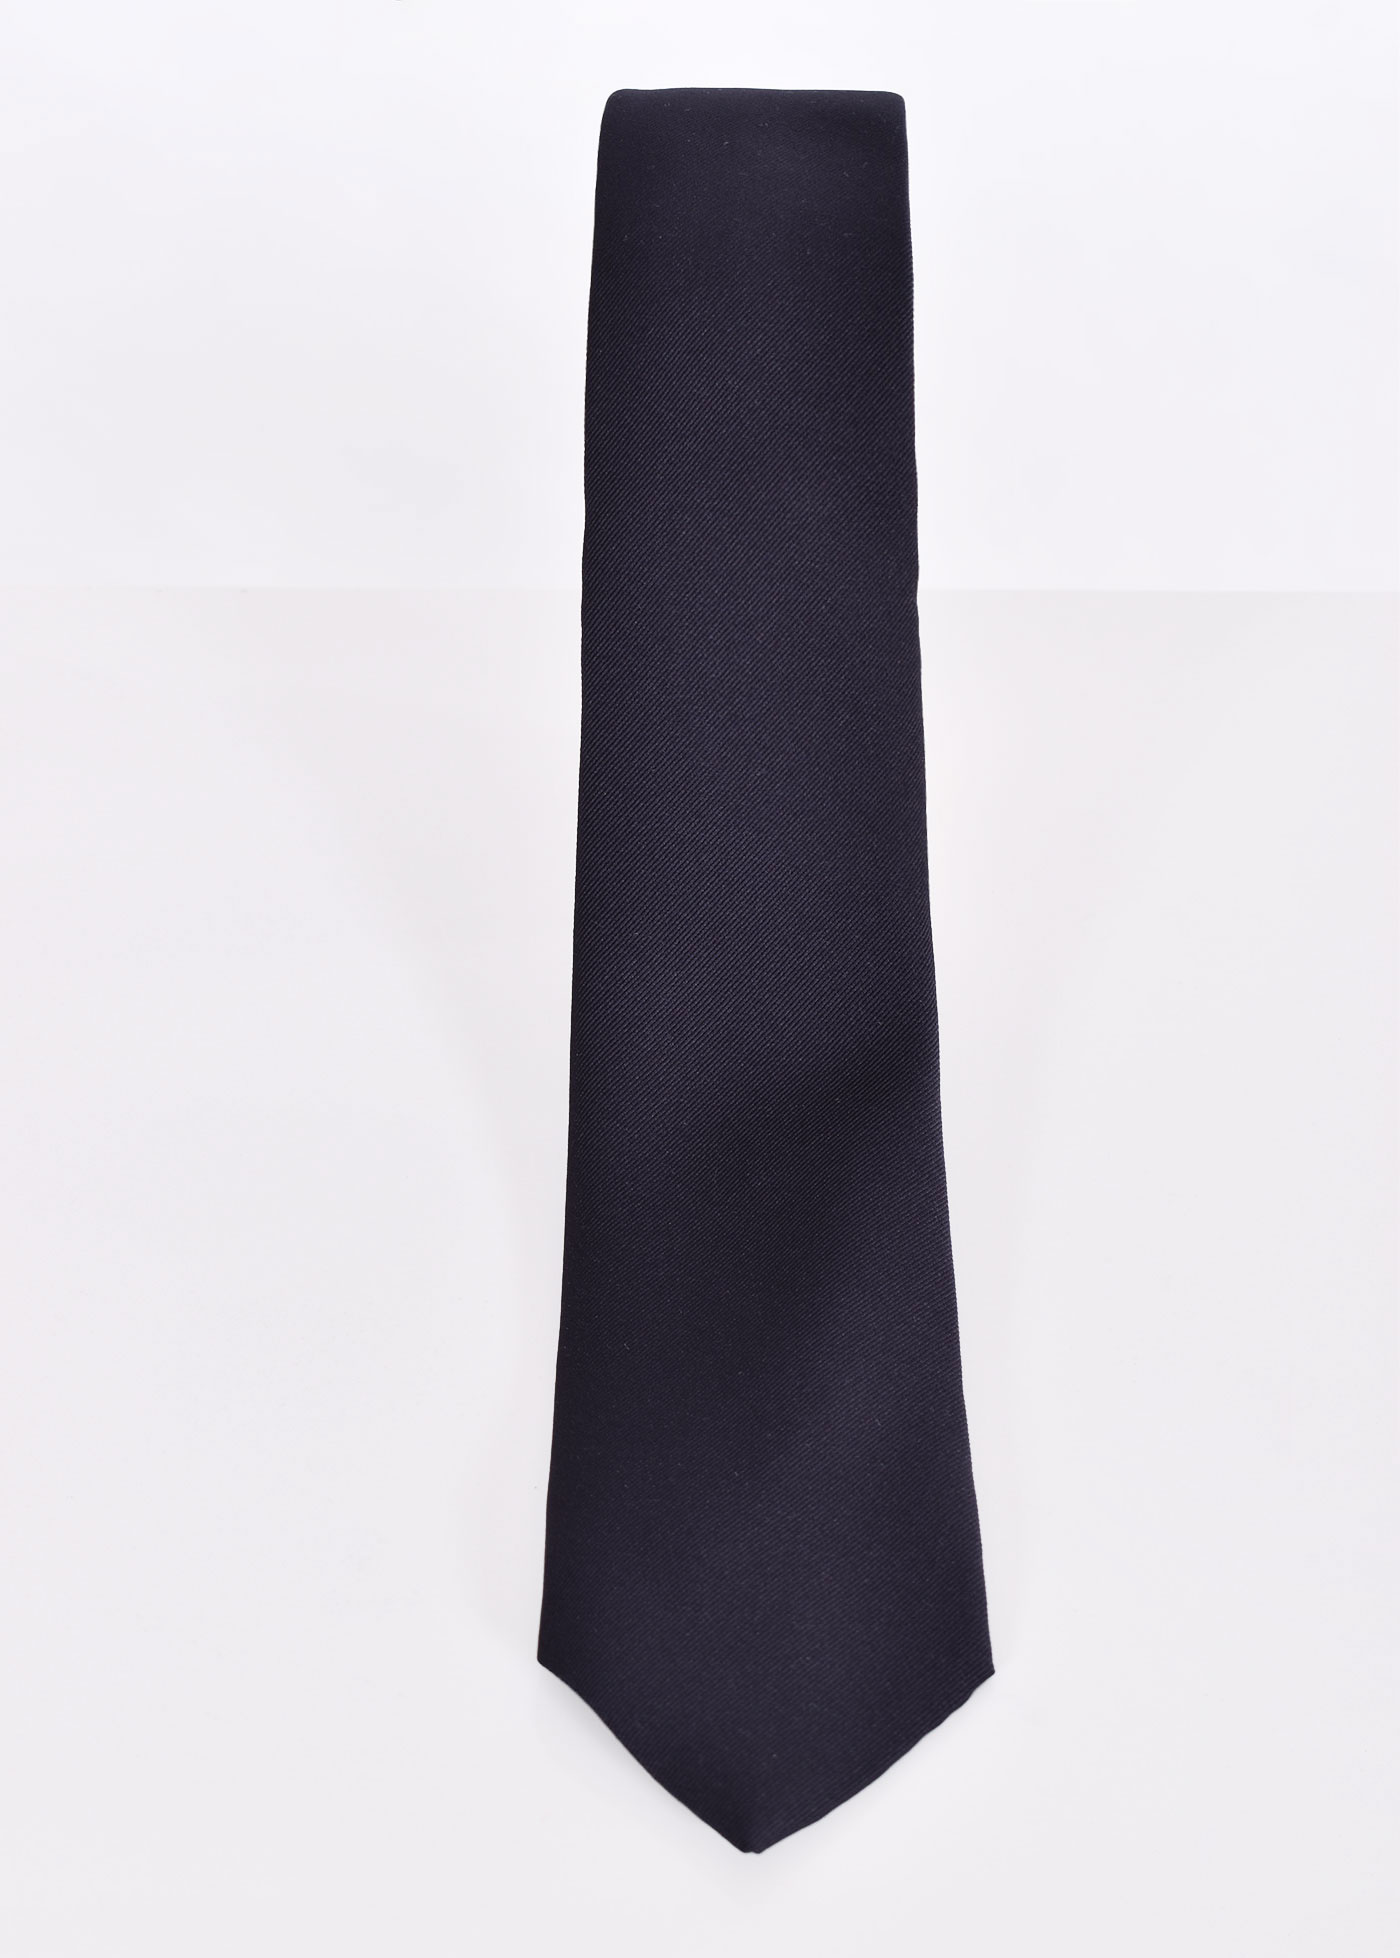 Tagliatore blue tie TAGLIATORE | A1XEX2